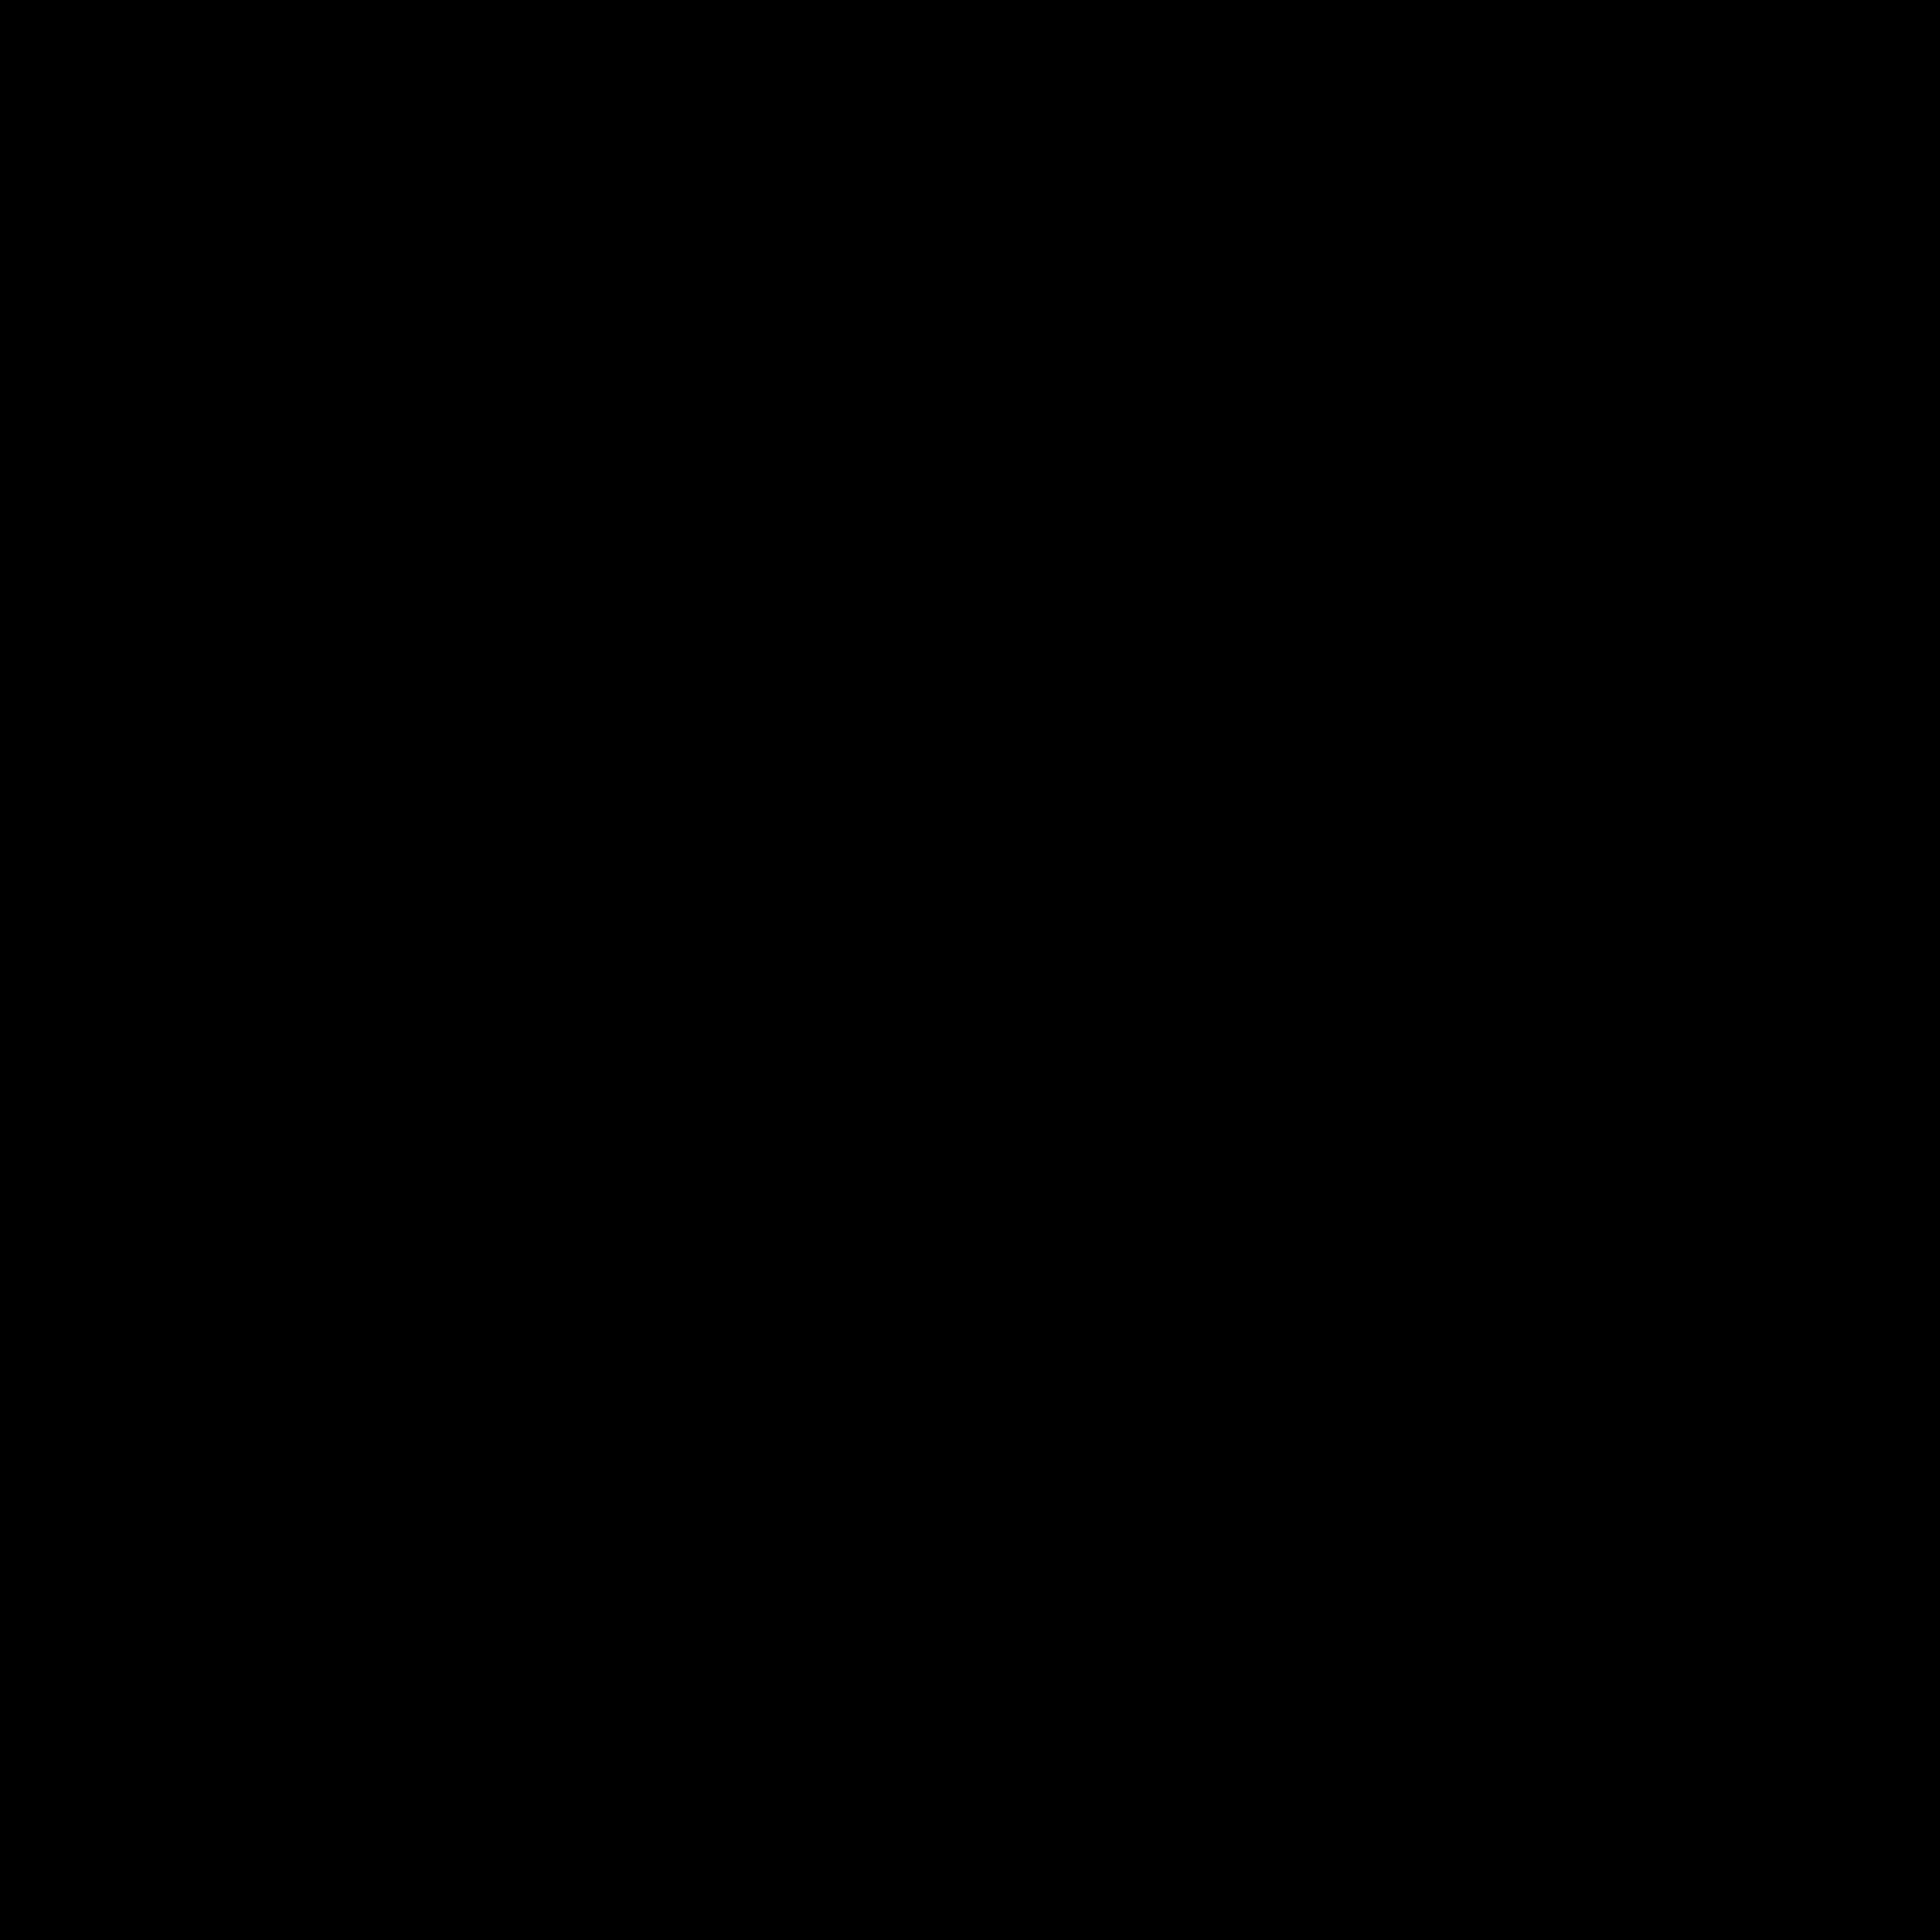 Gestalte ein Tree-of-Life Logo für eine Live Online Yoga Website